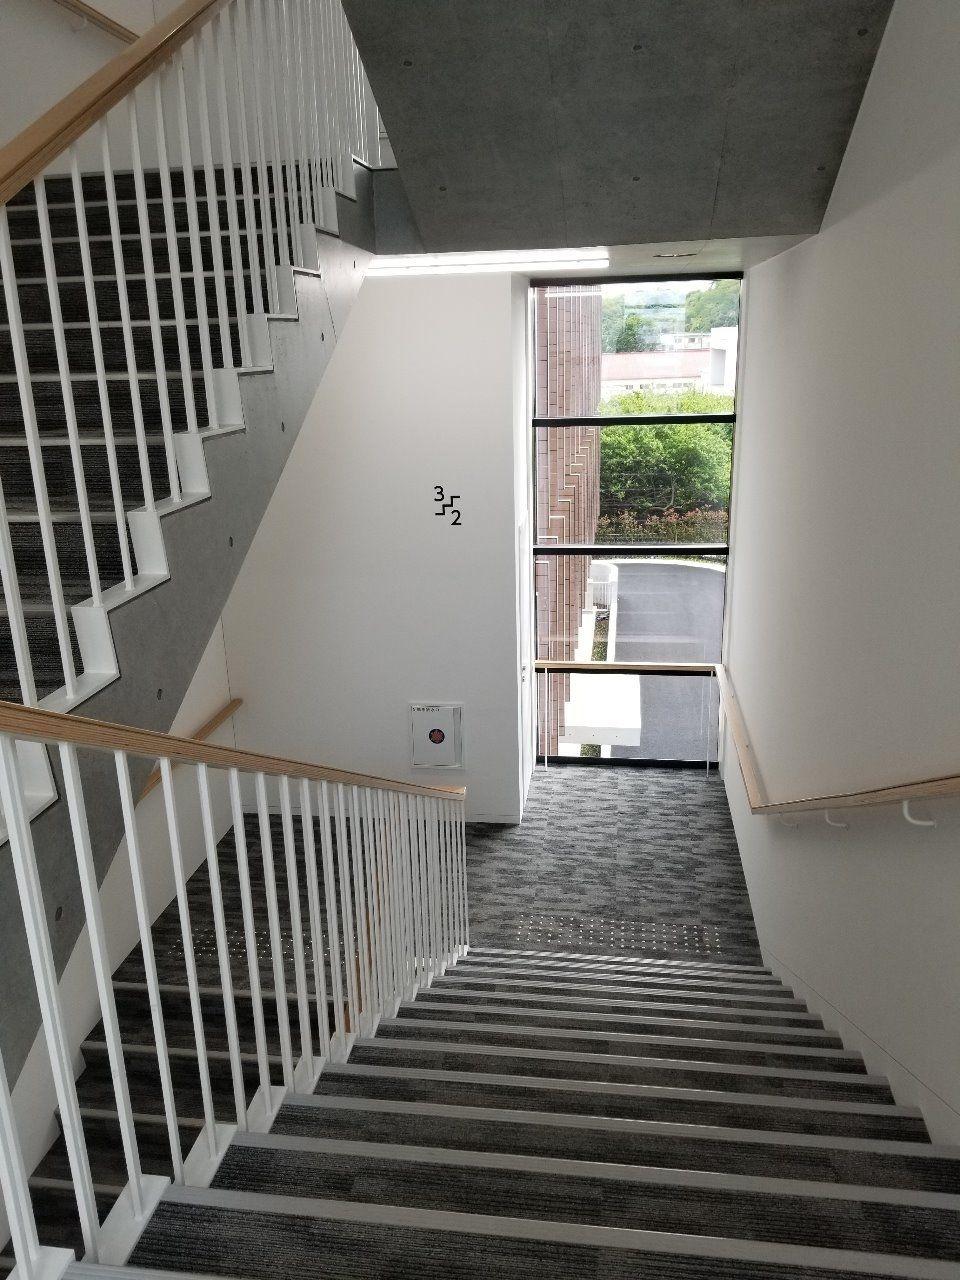 ゆったりとして明るい階段スペース